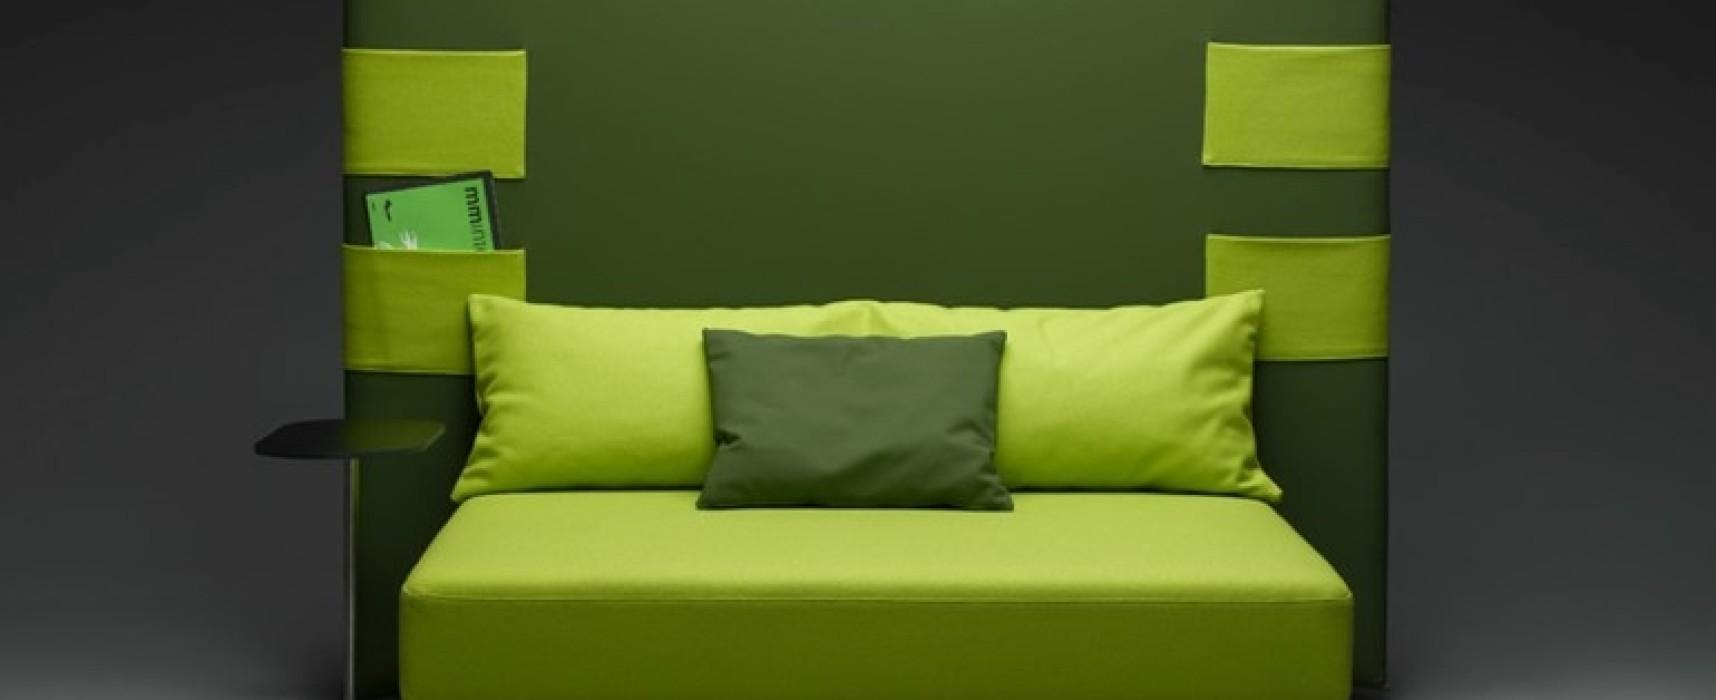 صوفا خضراء يمكن تحويلها الى سرير